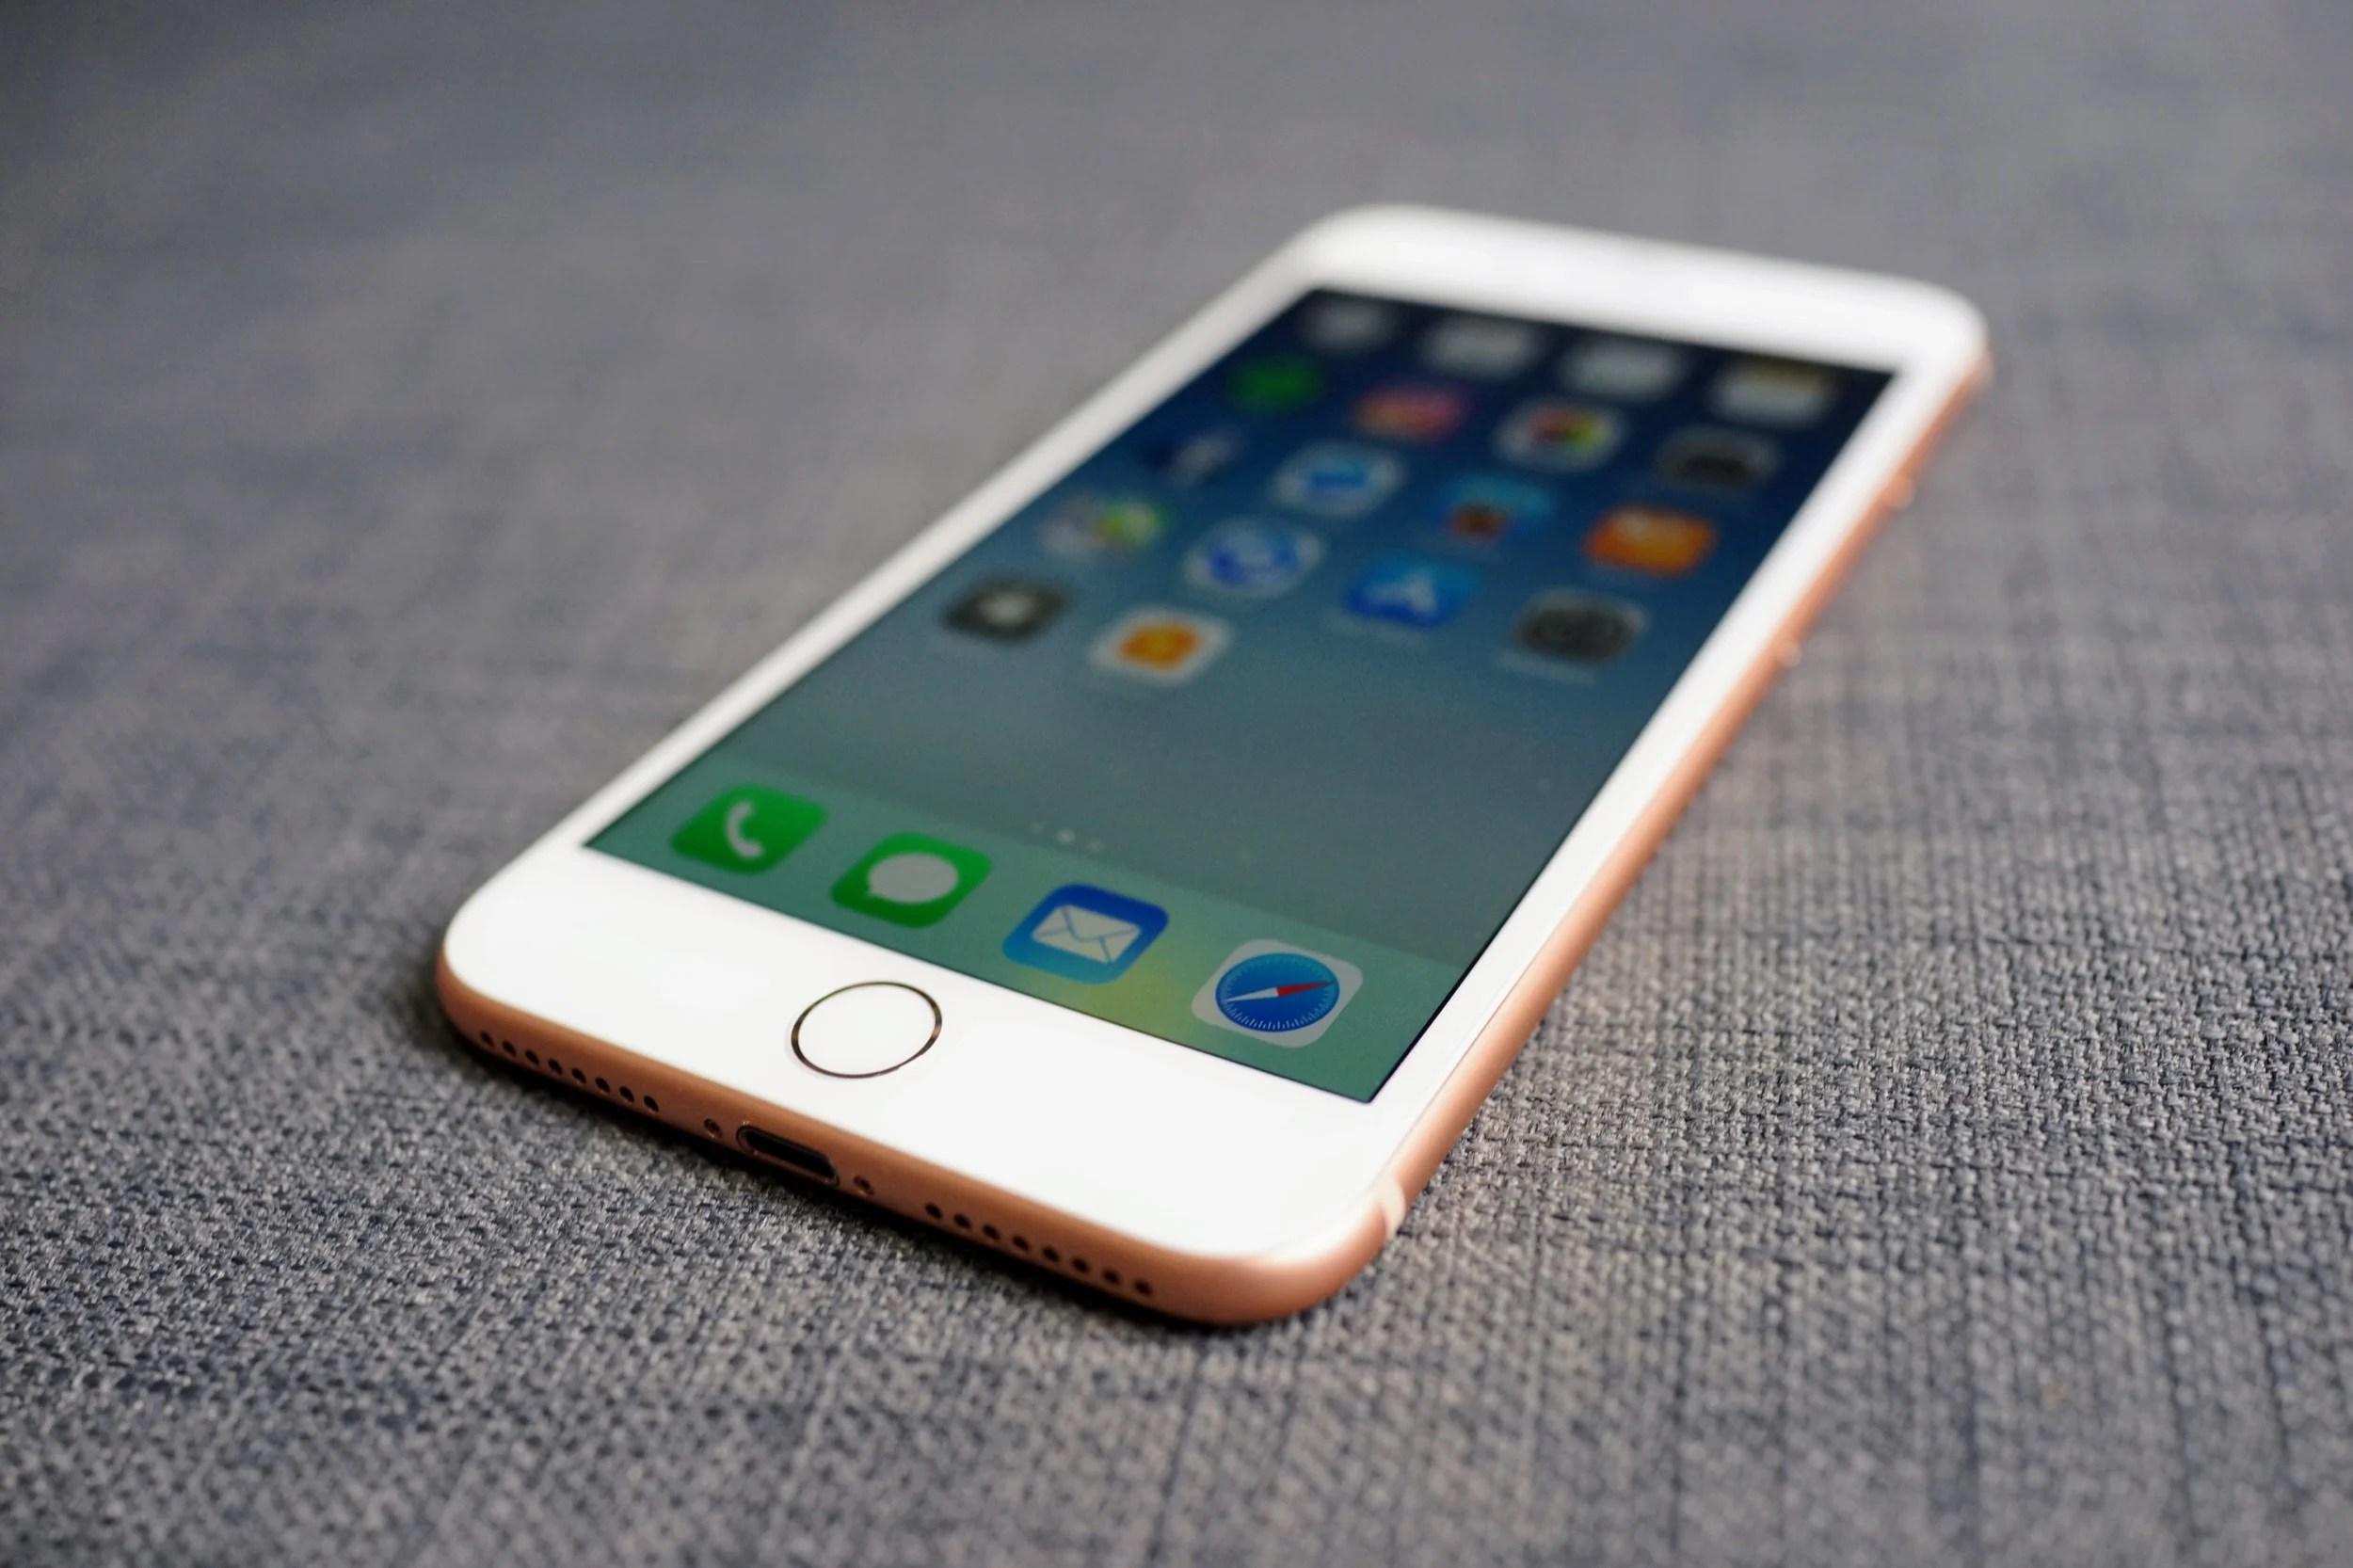 iPhone 9 Plus : un grand modèle se précise, avec une grande puissance